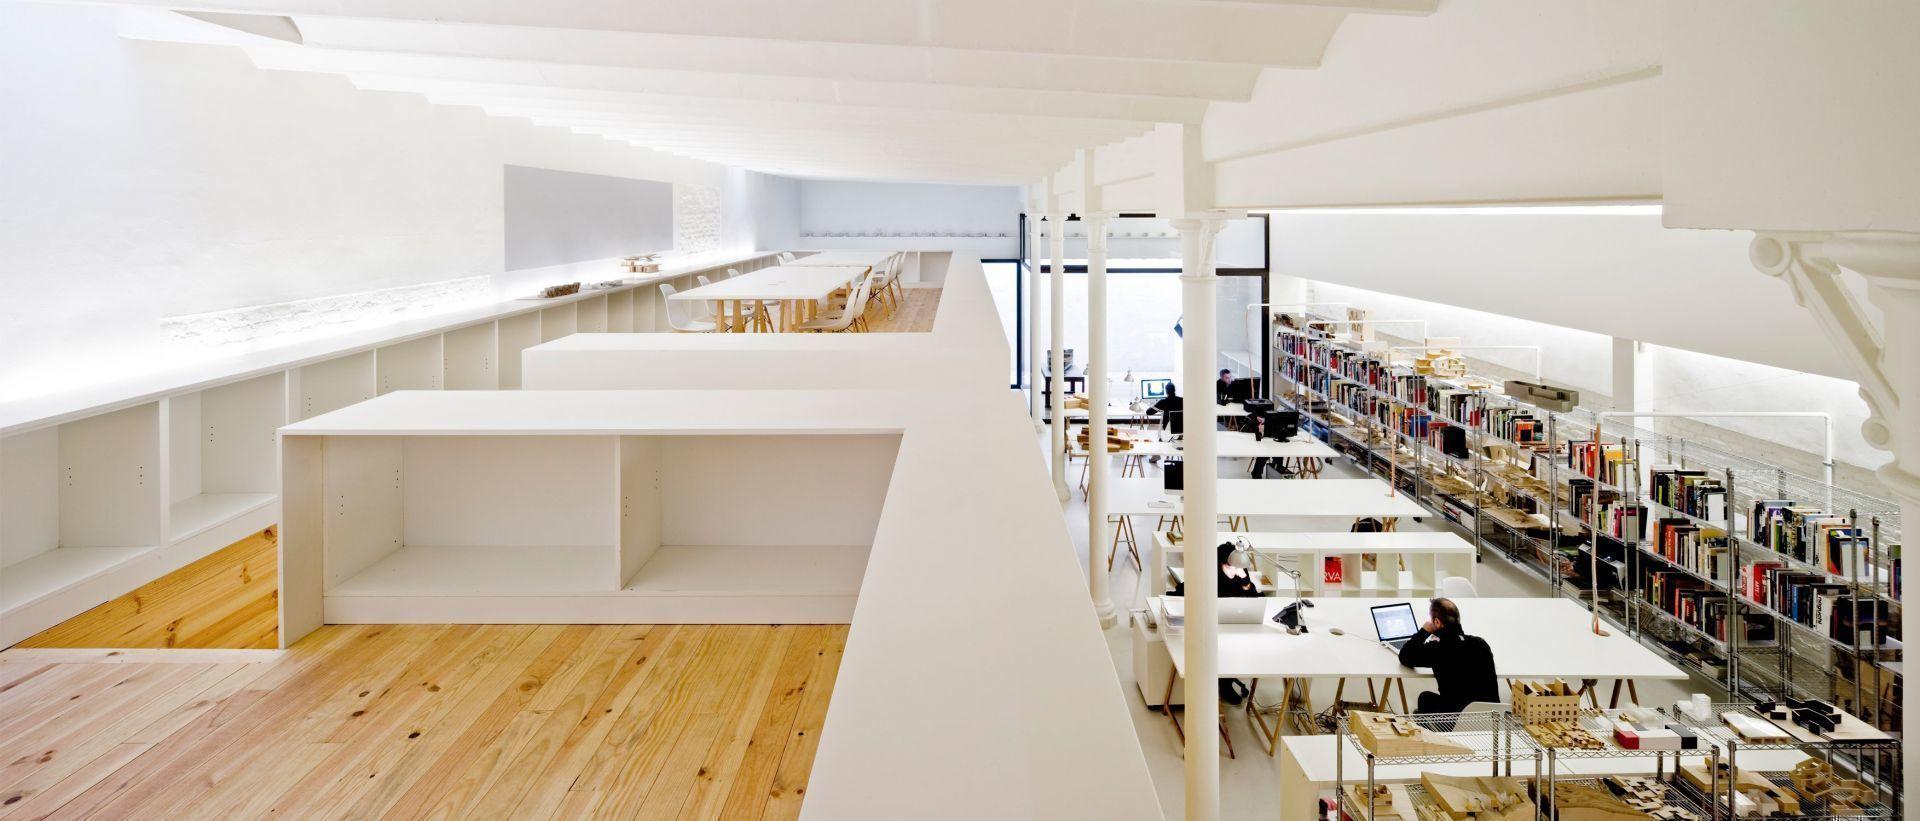 Estudio de dise o multidisciplinar en barcelona arqa - Despacho arquitectura barcelona ...